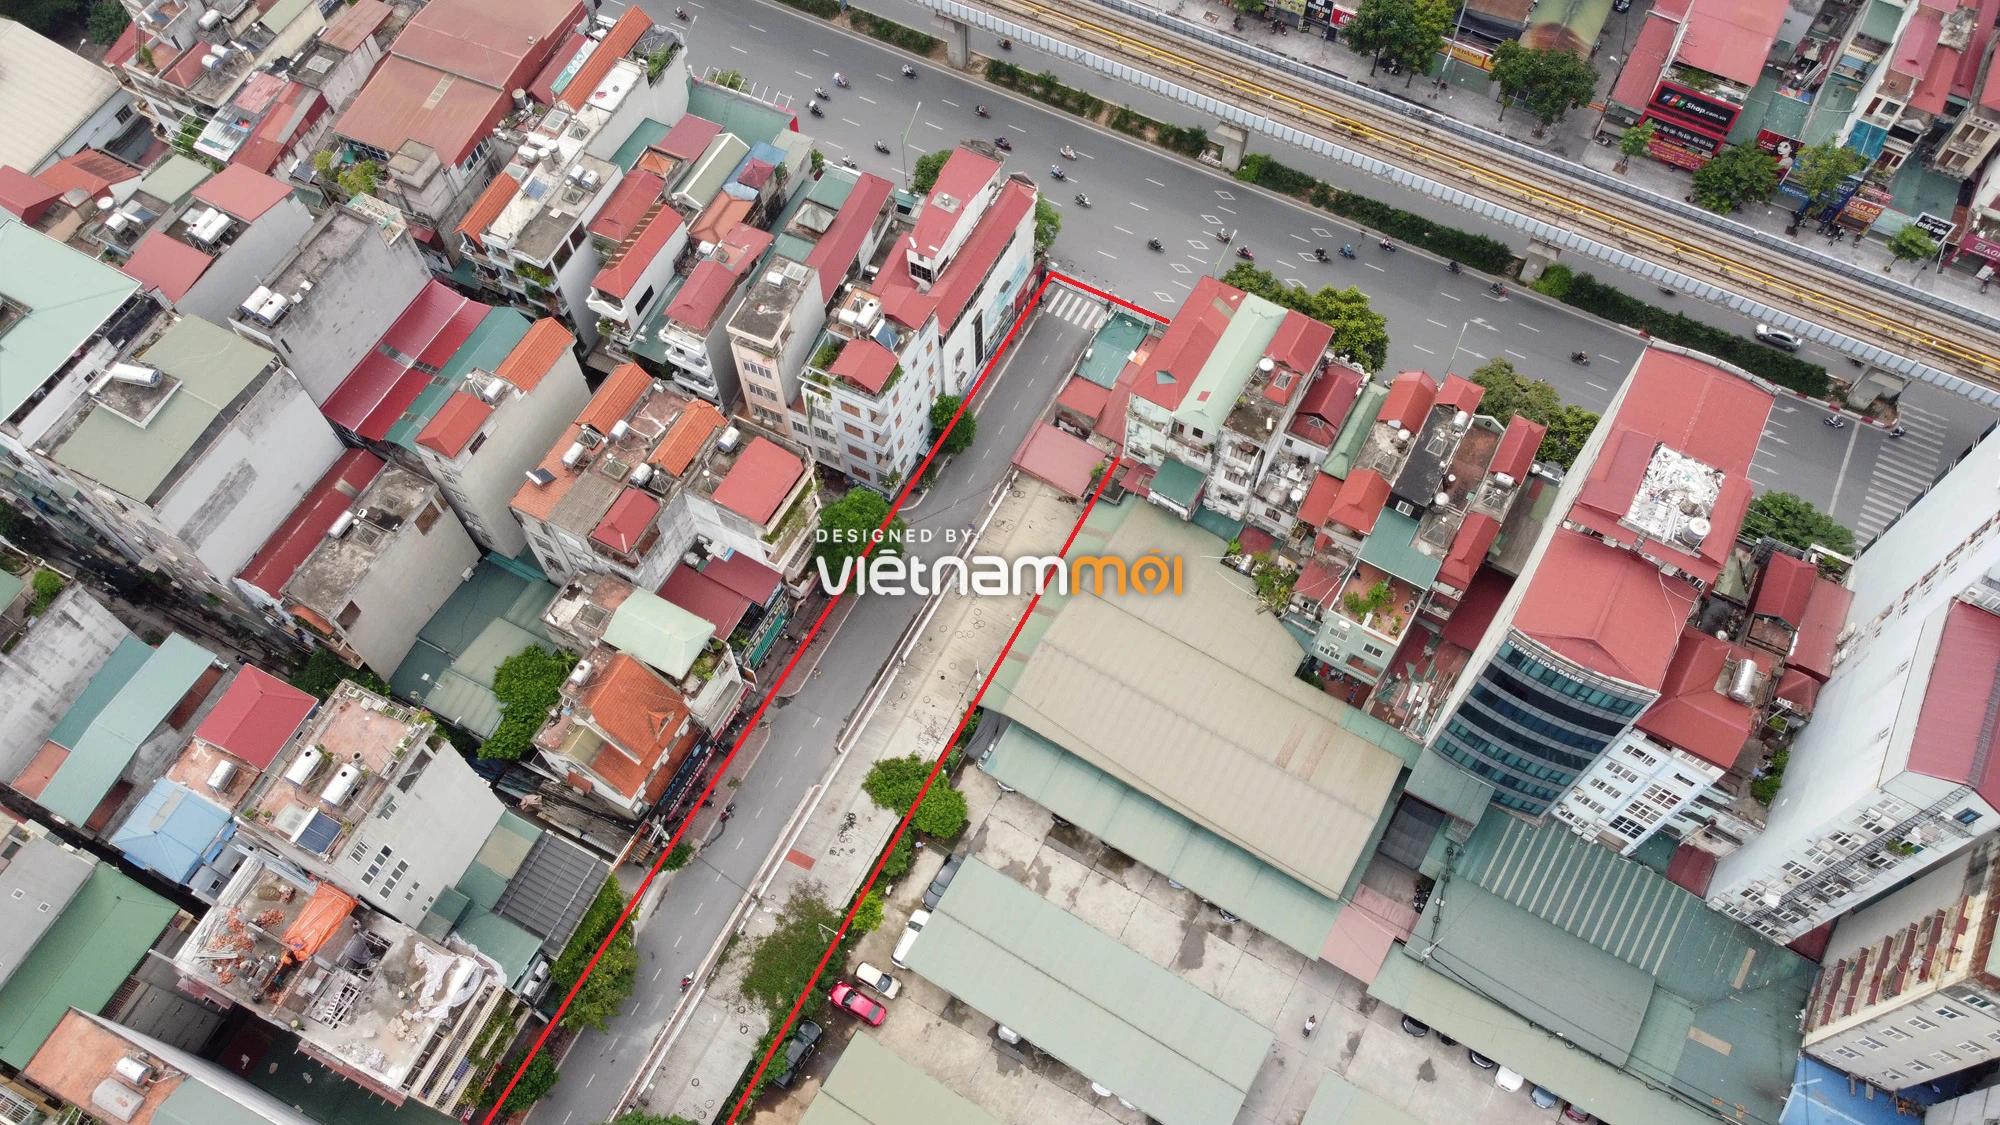 Những khu đất sắp thu hồi để mở đường ở phường Trung Văn, Nam Từ Liêm, Hà Nội (phần 2) - Ảnh 12.